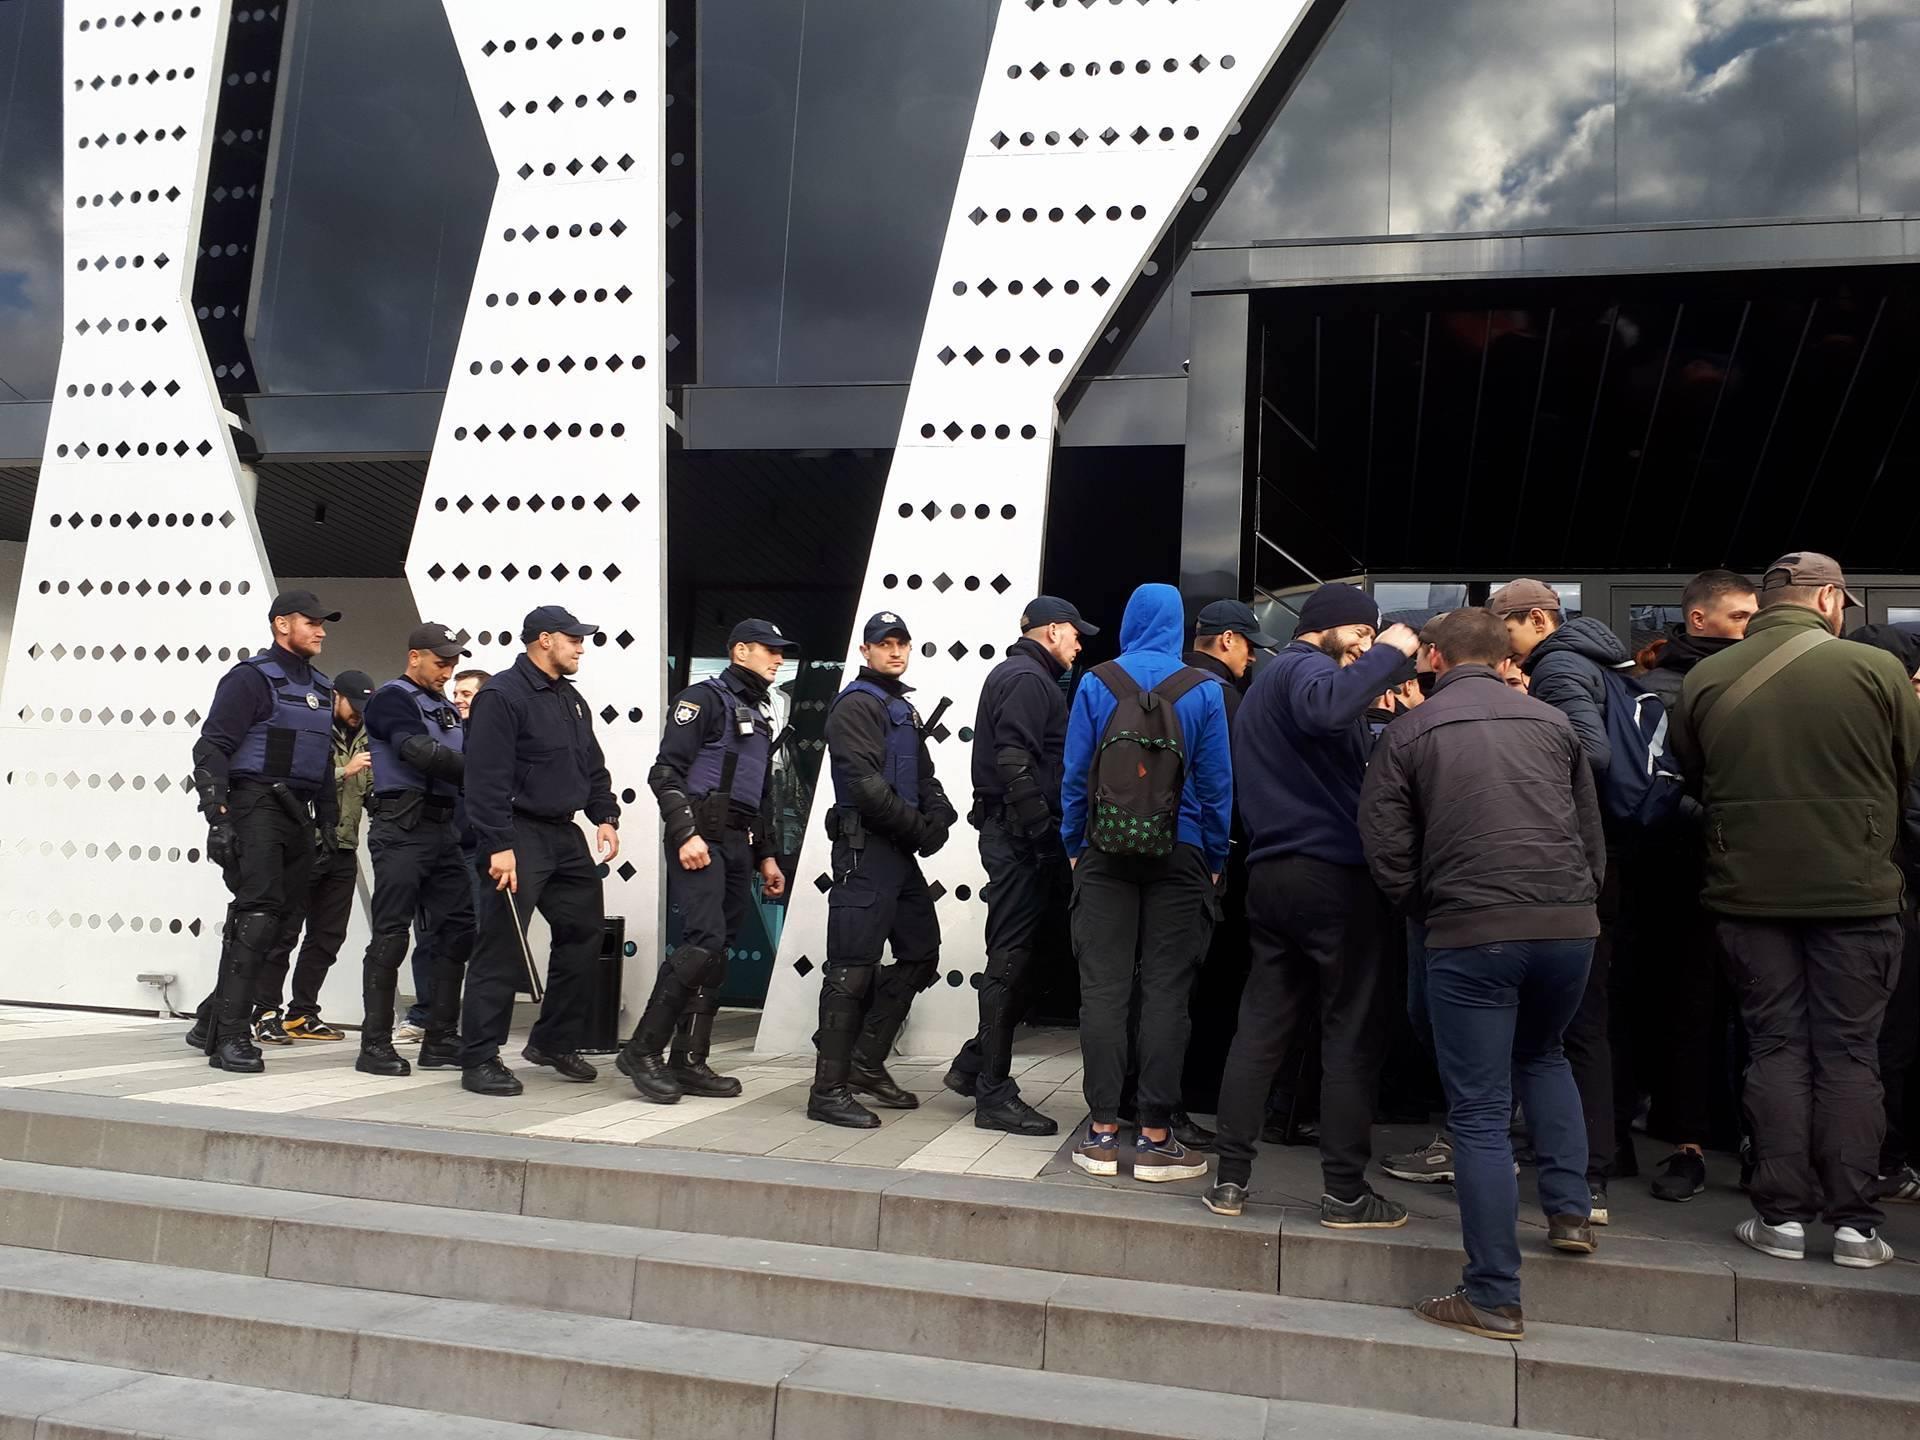 Украинские радикалы пригрозили сорвать концерт лидера группы 5'Nizza вОдессе